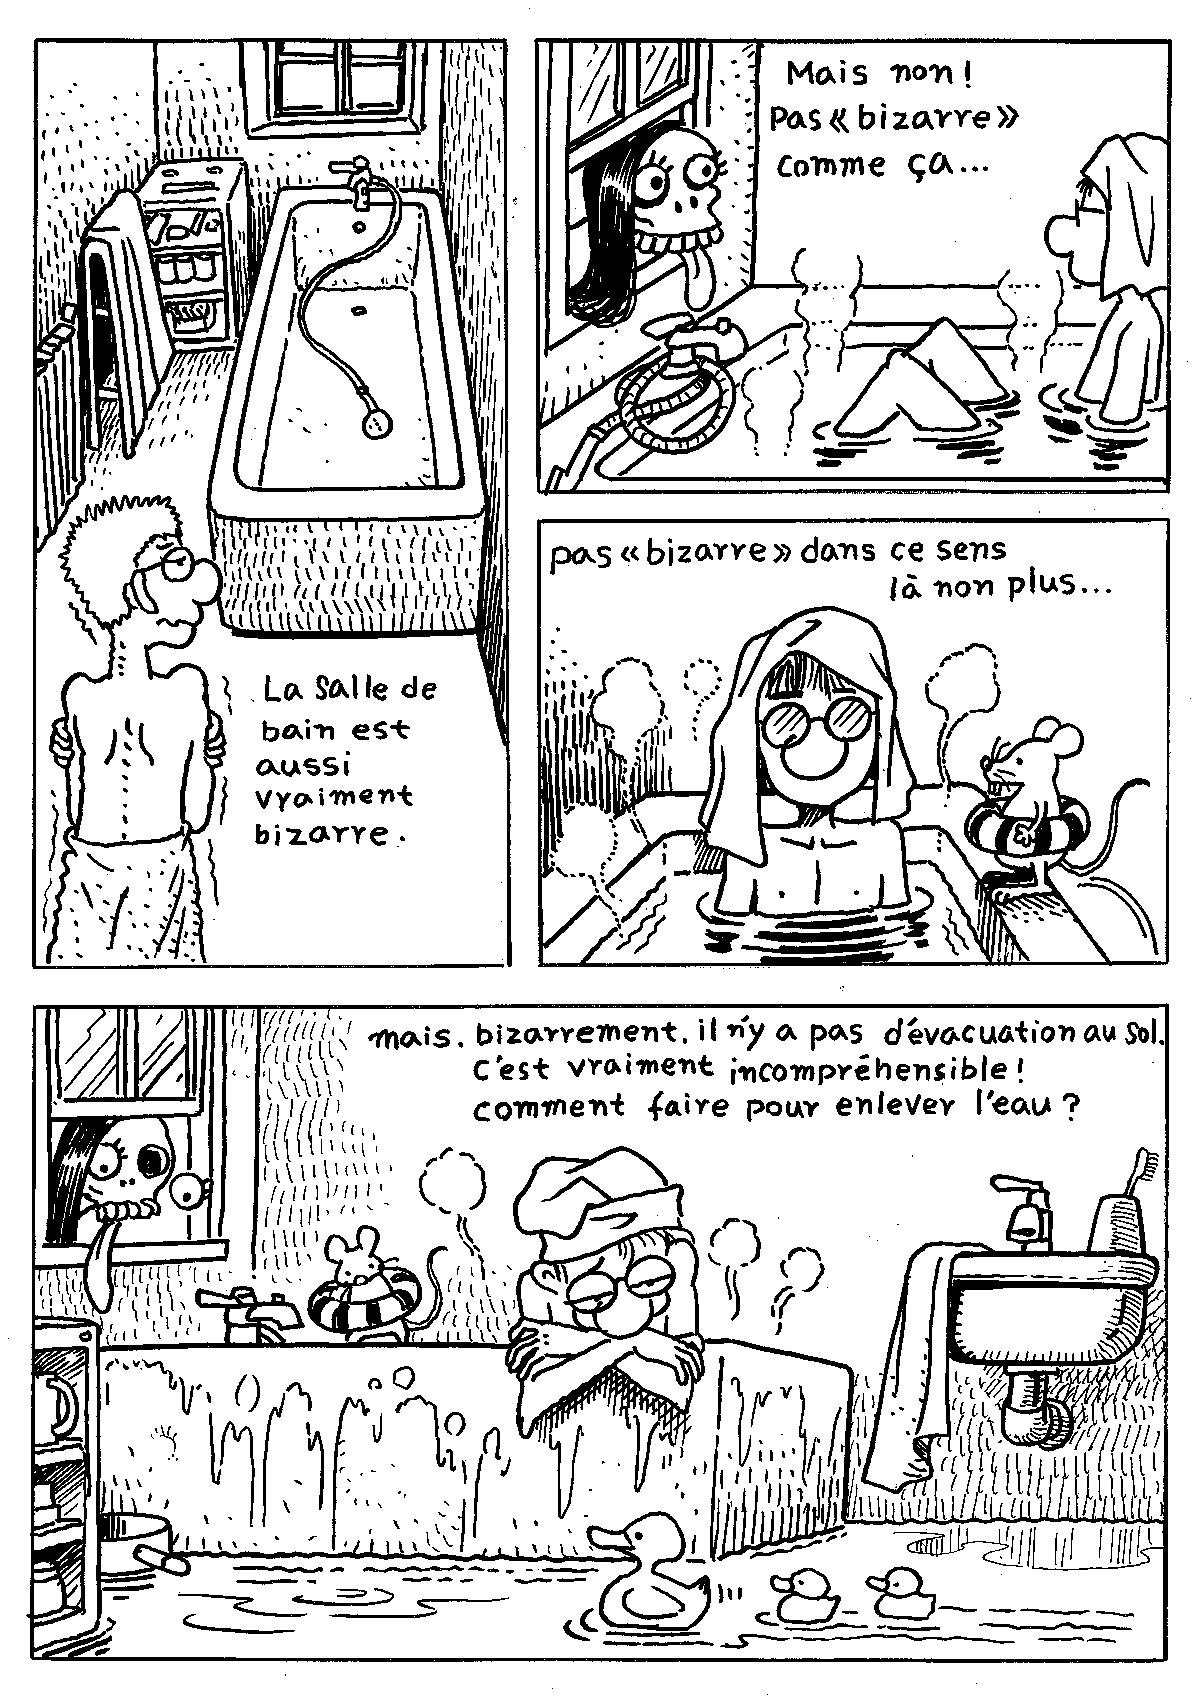 angouleme143